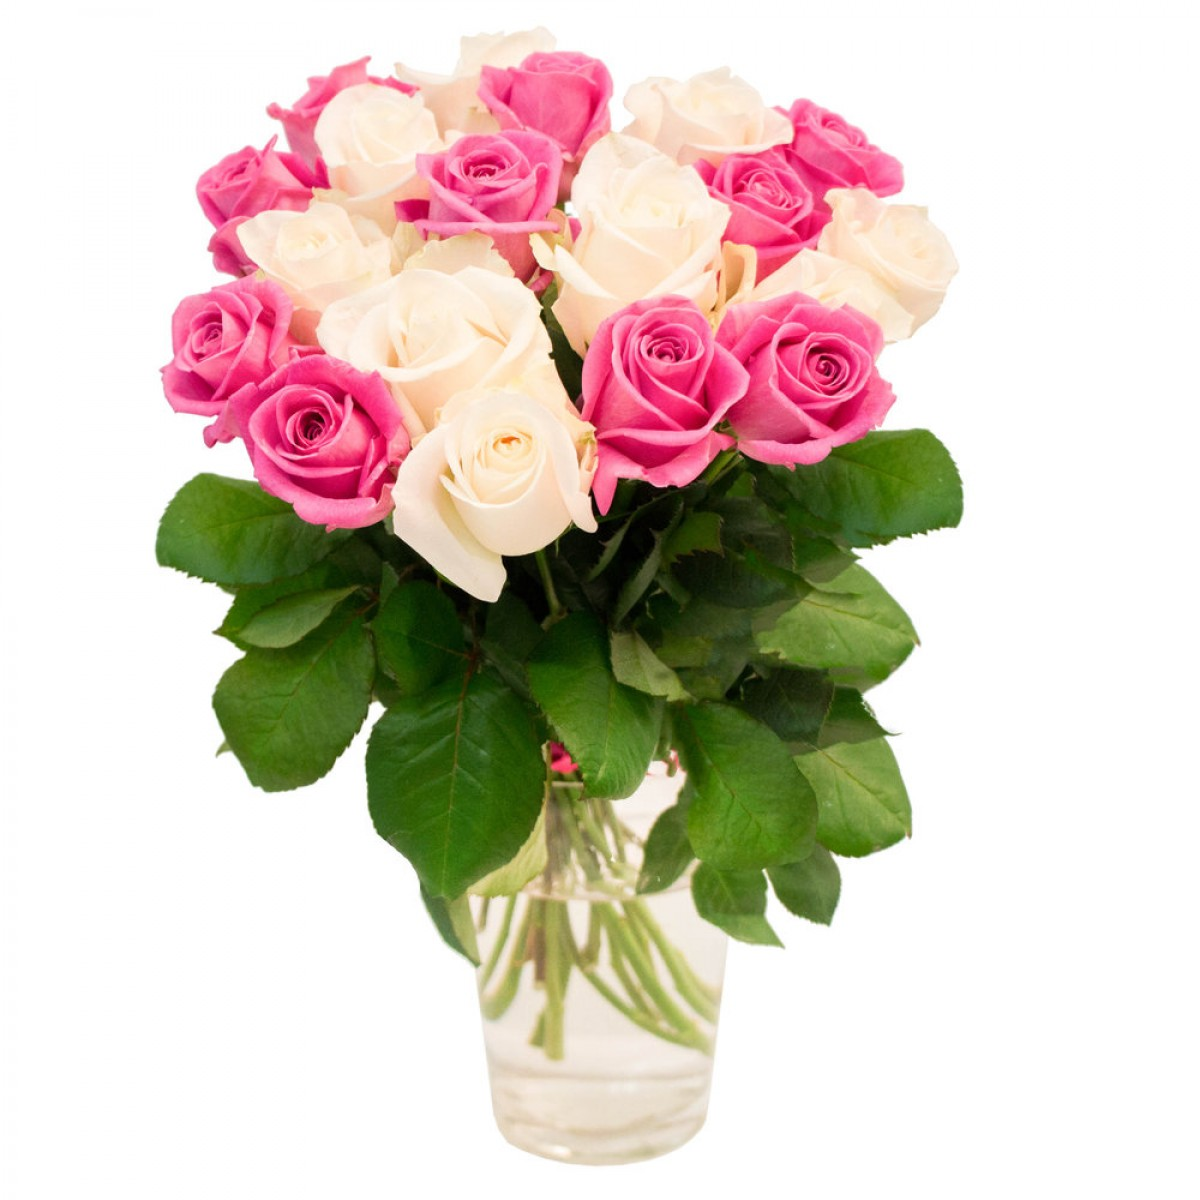 Букет от 15 до 25 рози в бяло и розово (ти избираш броя)